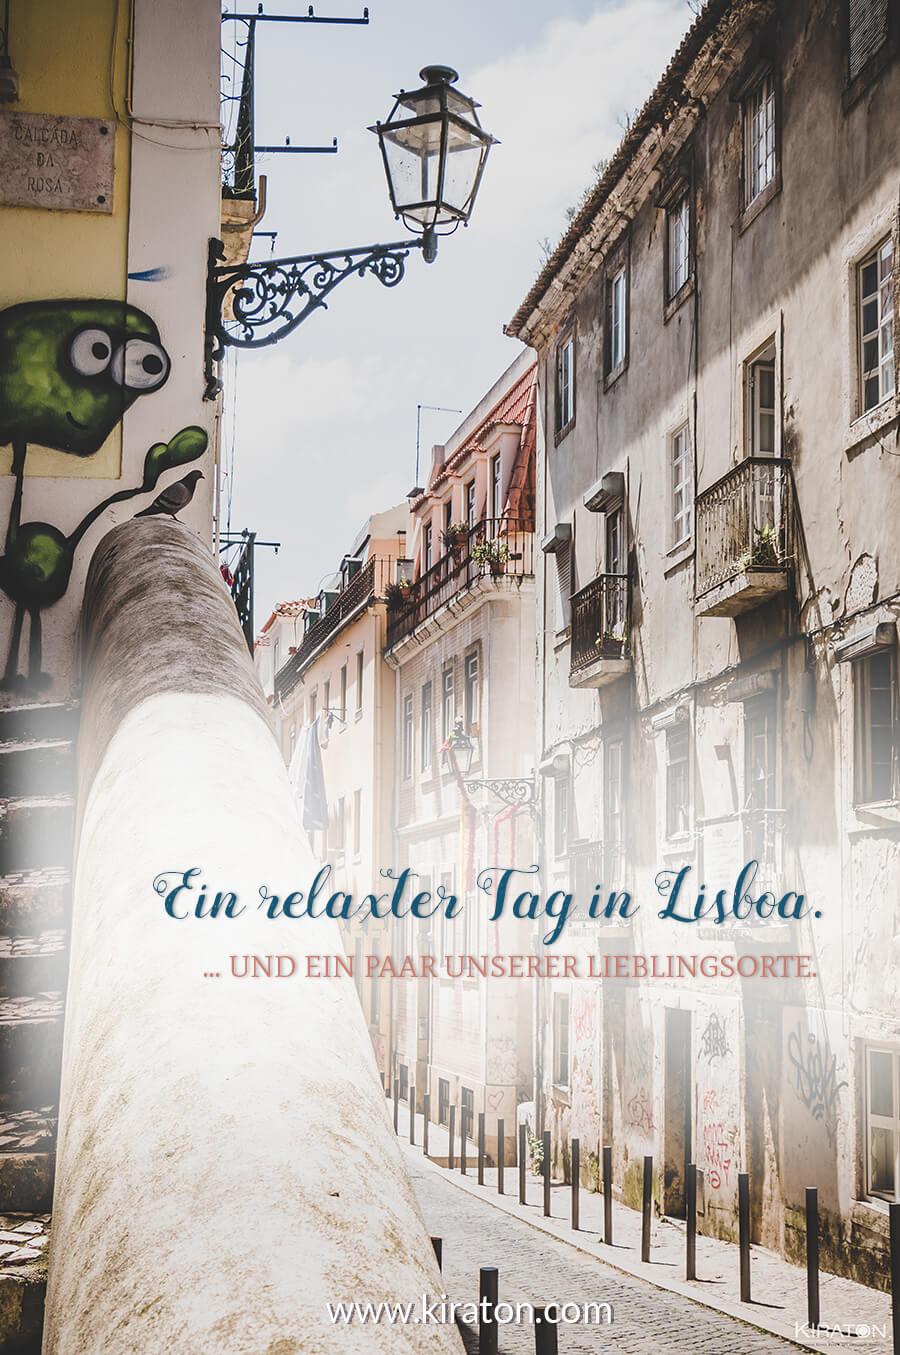 Blick in eine Gasse in Lisboa. Eine Treppe links im Bild leicht angeschnitten. Oben ist ein grünes Wesen an die Wand gesprüht. Es scheint hinunter zu blicken auf die Straße.